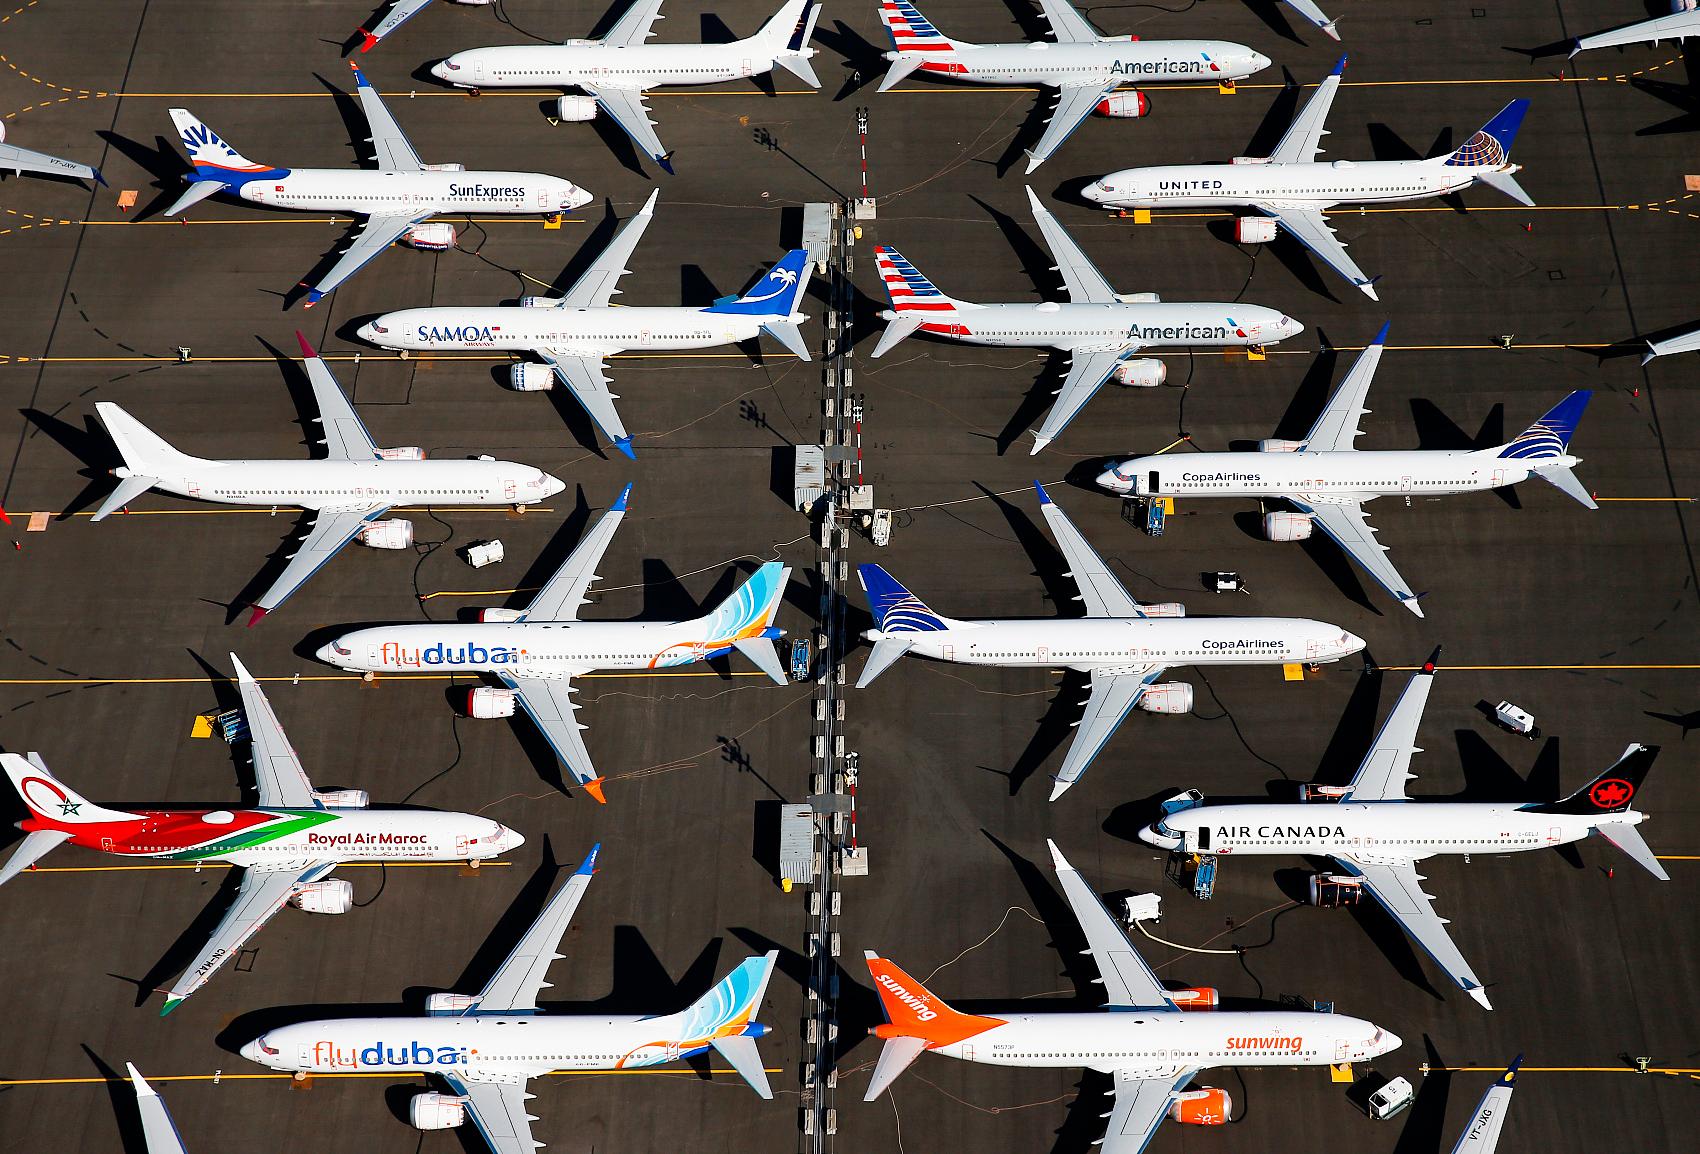 航空 公司 接收